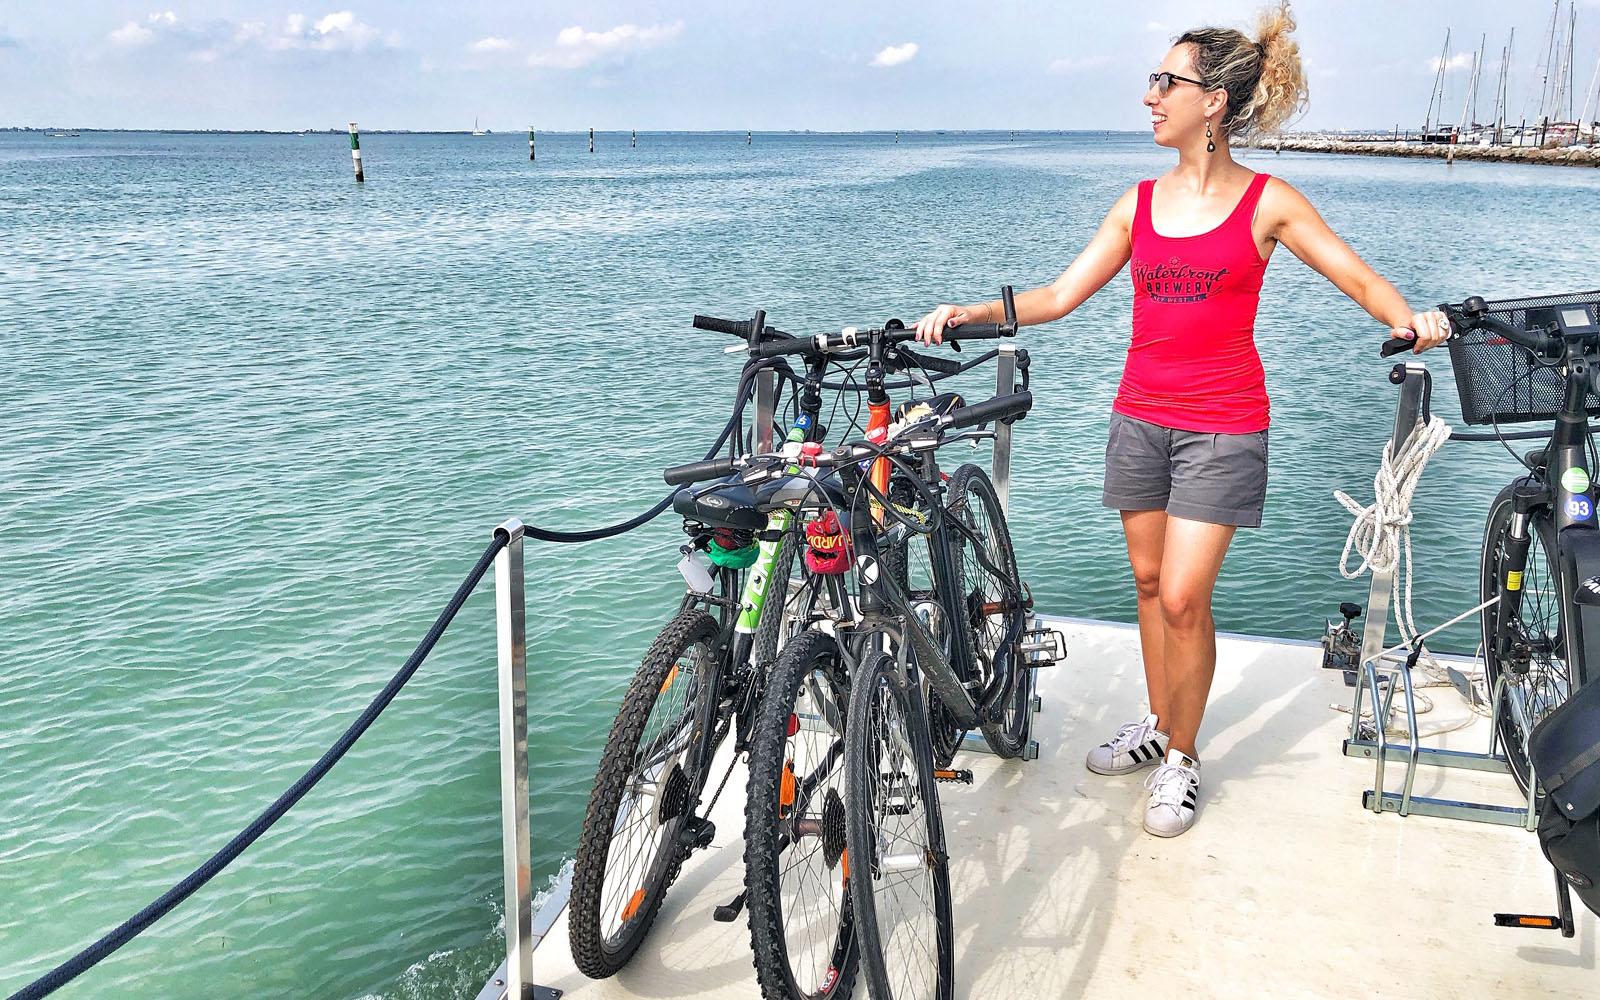 Sulla barca di Somewhere Tours insieme alla mia bici.